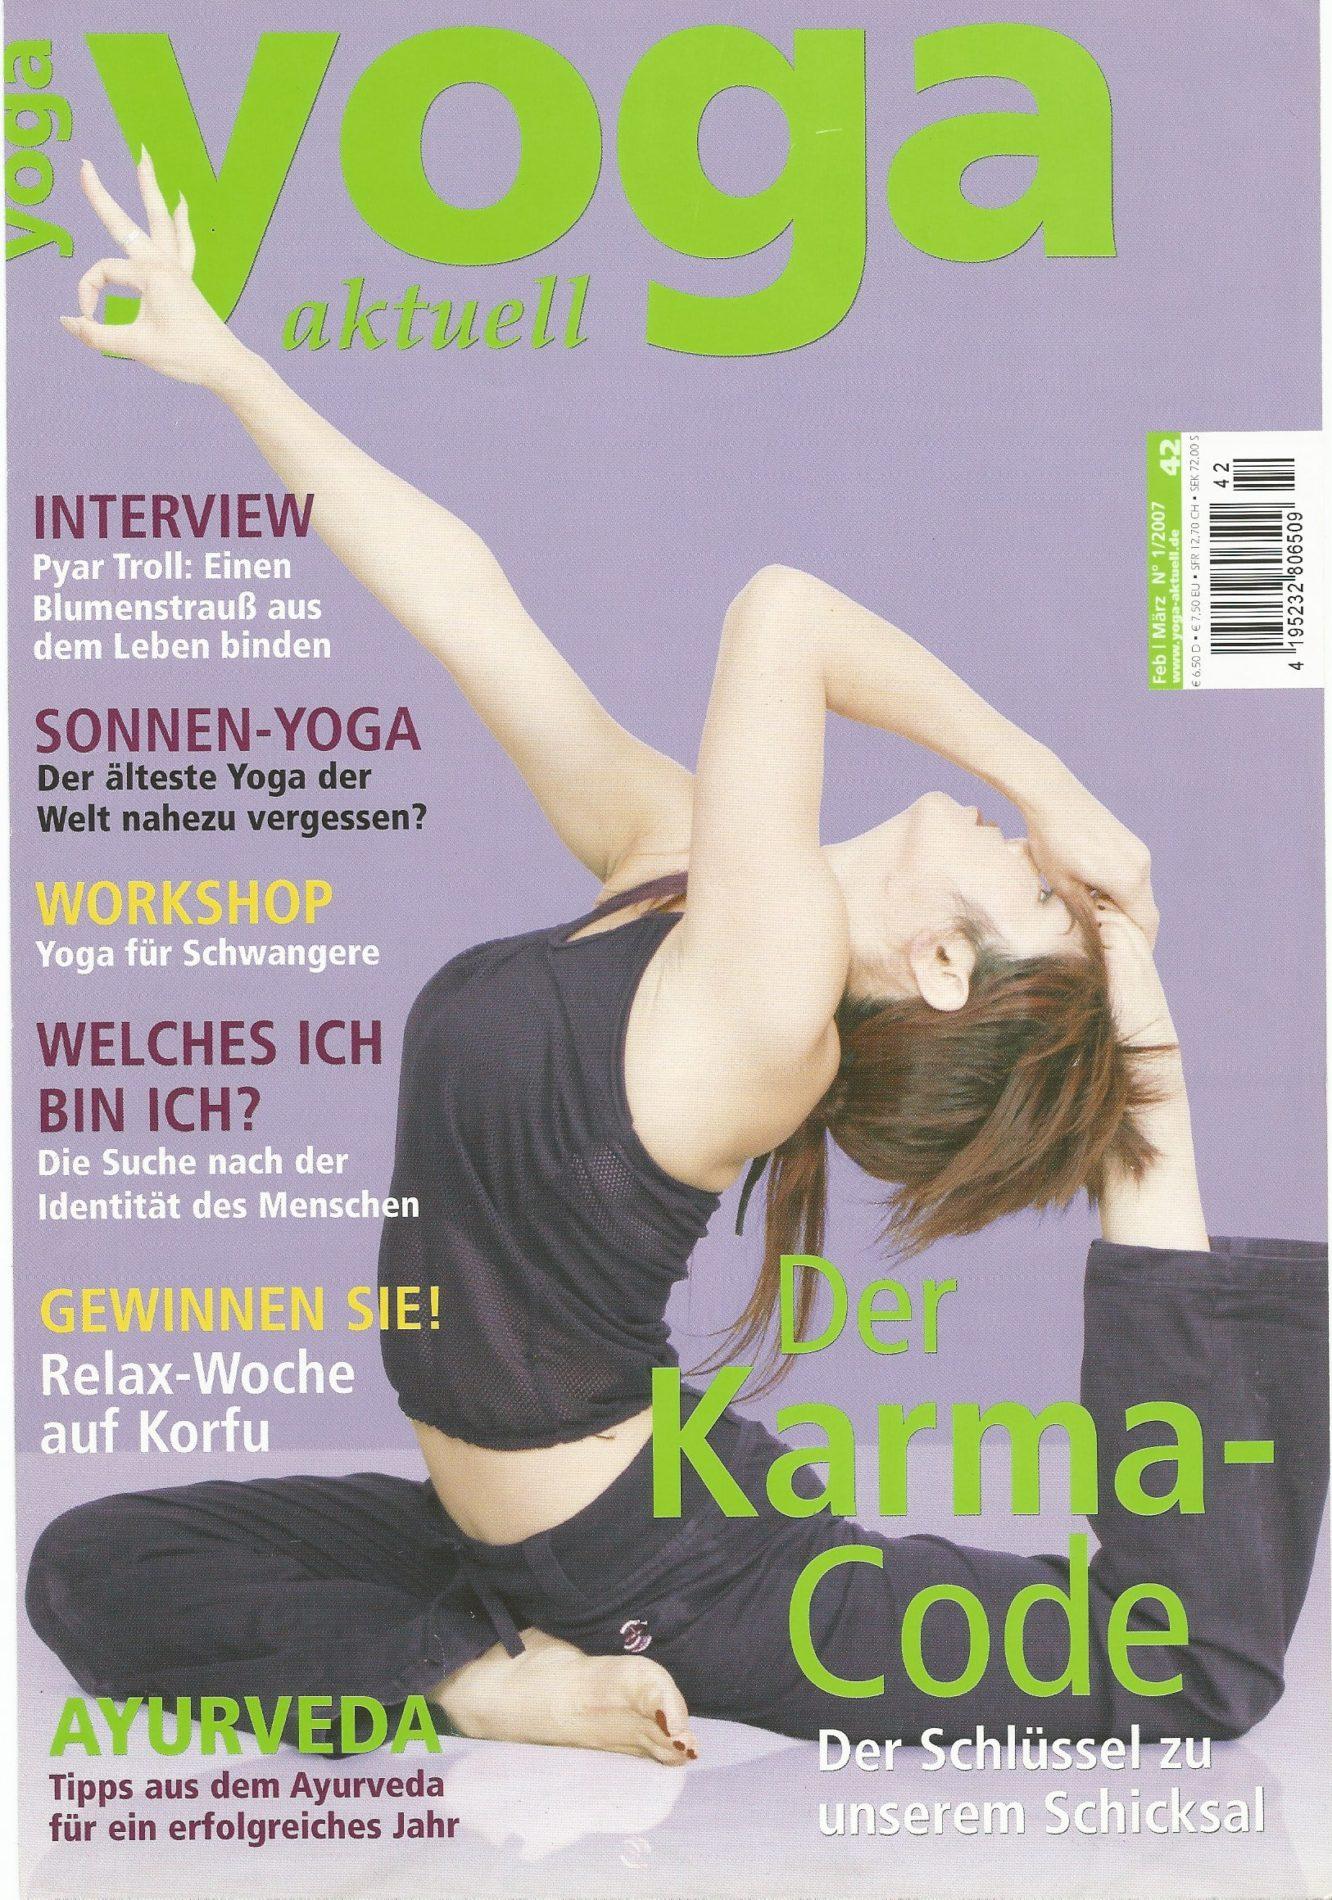 Yoga Aktuell – Die Saiten des Herzens